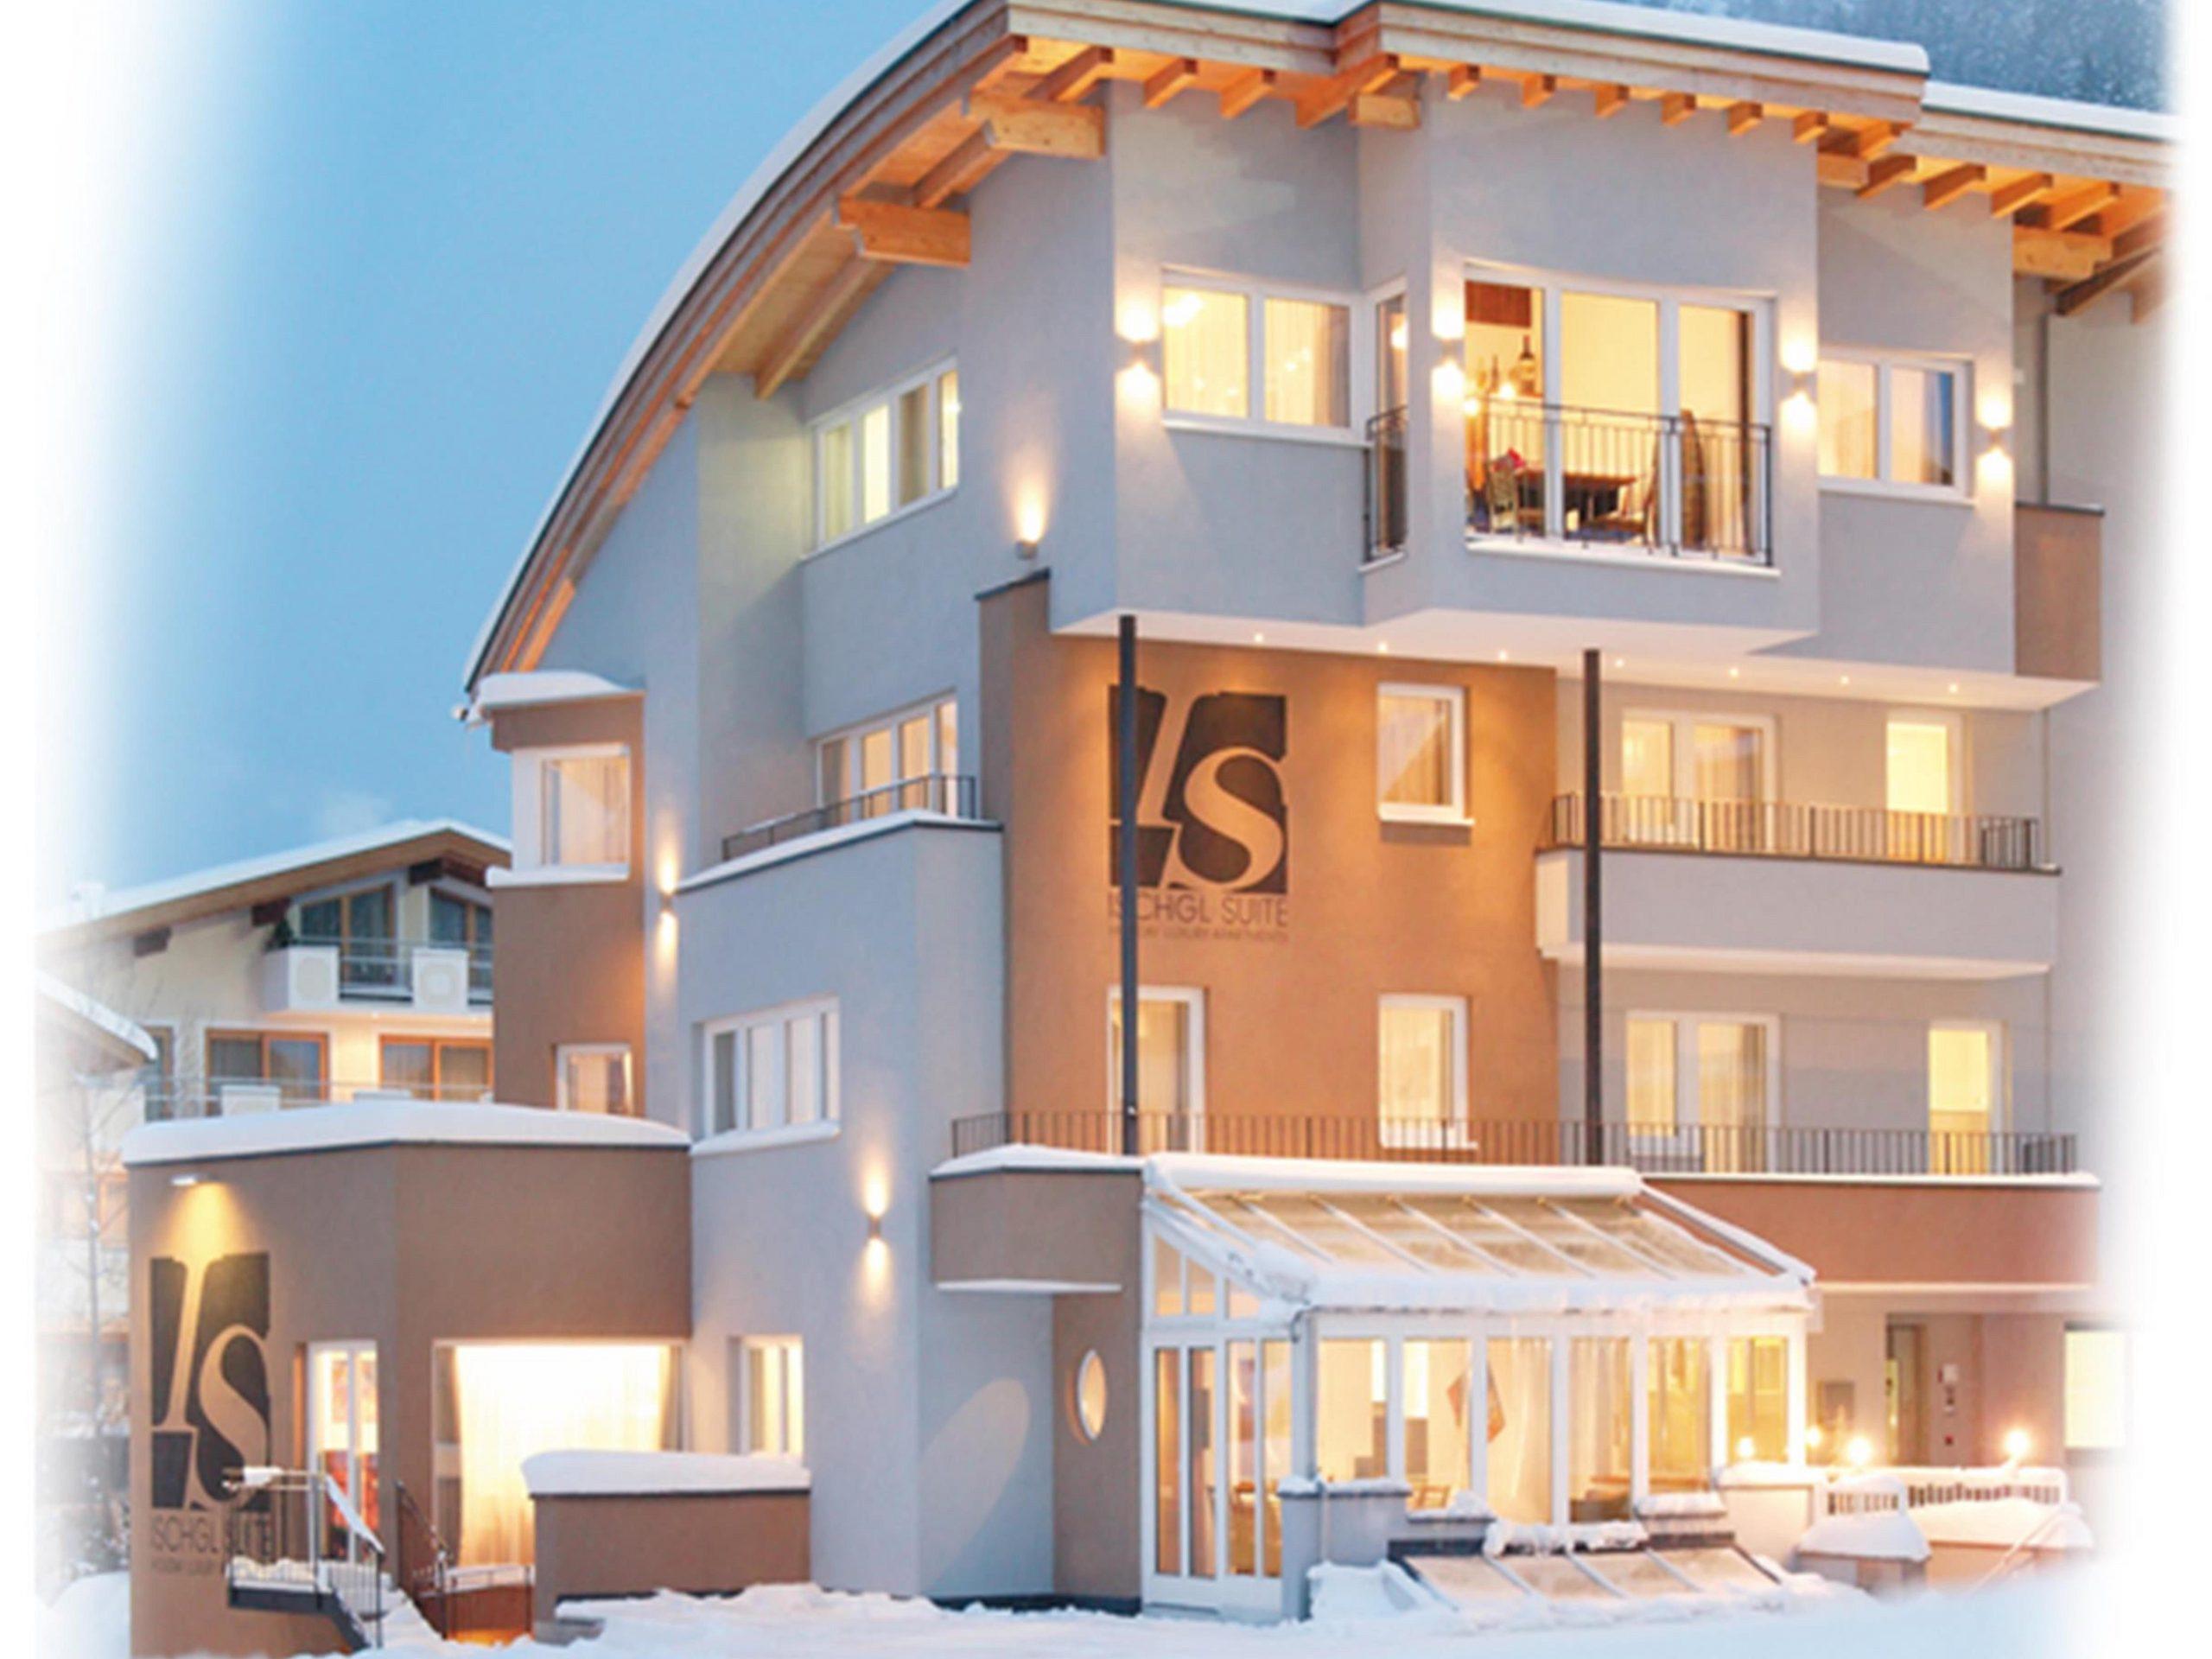 Chalet-appartement Ischgl Suite zondag t/m zondag Atrium - 4 personen